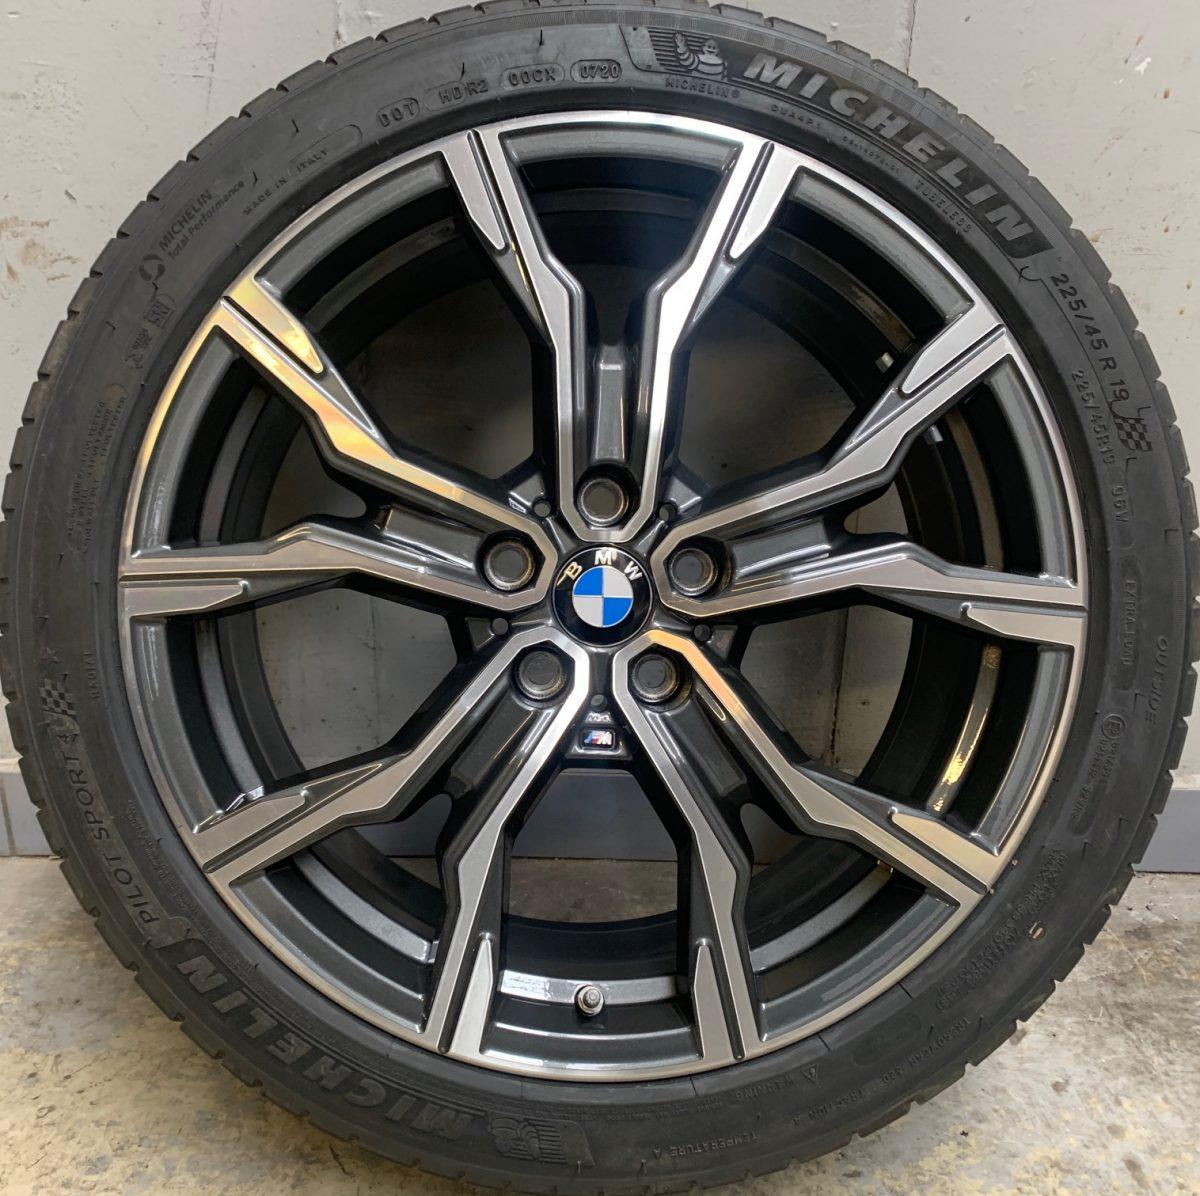 Gyári alufelni BMW X1 F48-X2 F39 (816M styl) 5x112 8X19 ET47 Michelin nyári gumikkal,nyomásszenzorral! 1